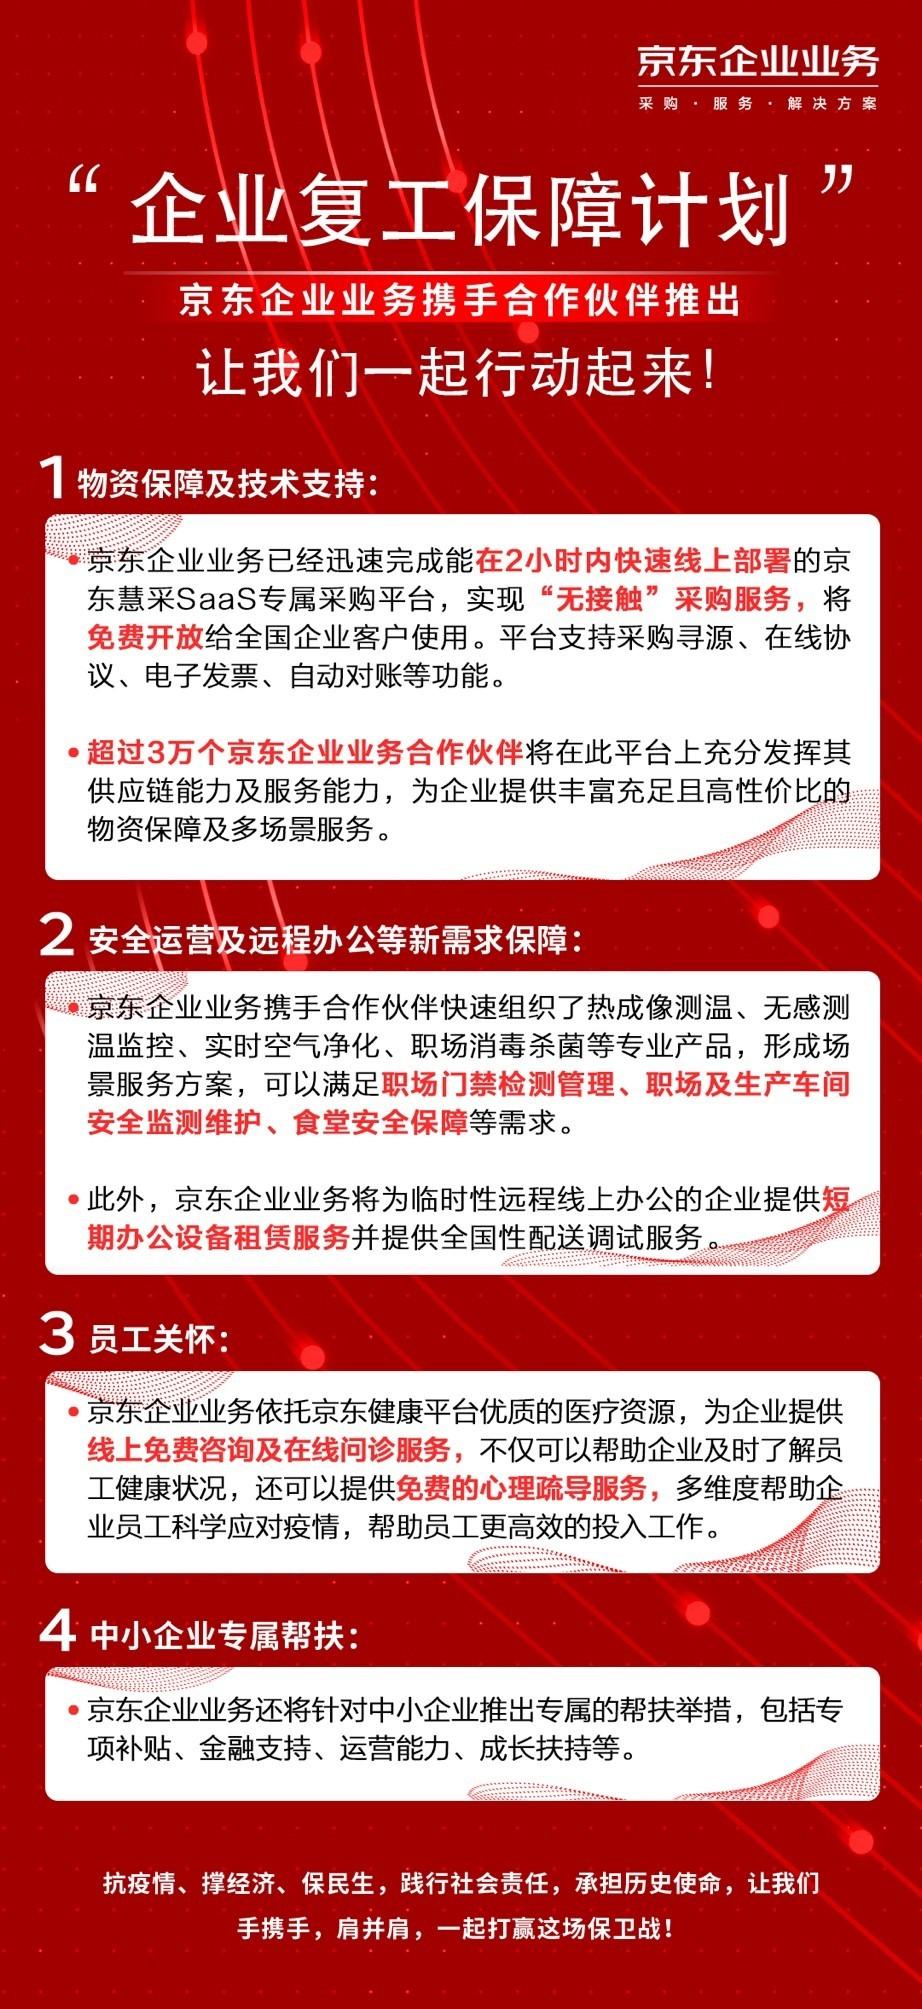 """京东推出""""企业复工保障计划"""" 无接触采购平台免费开放插图"""